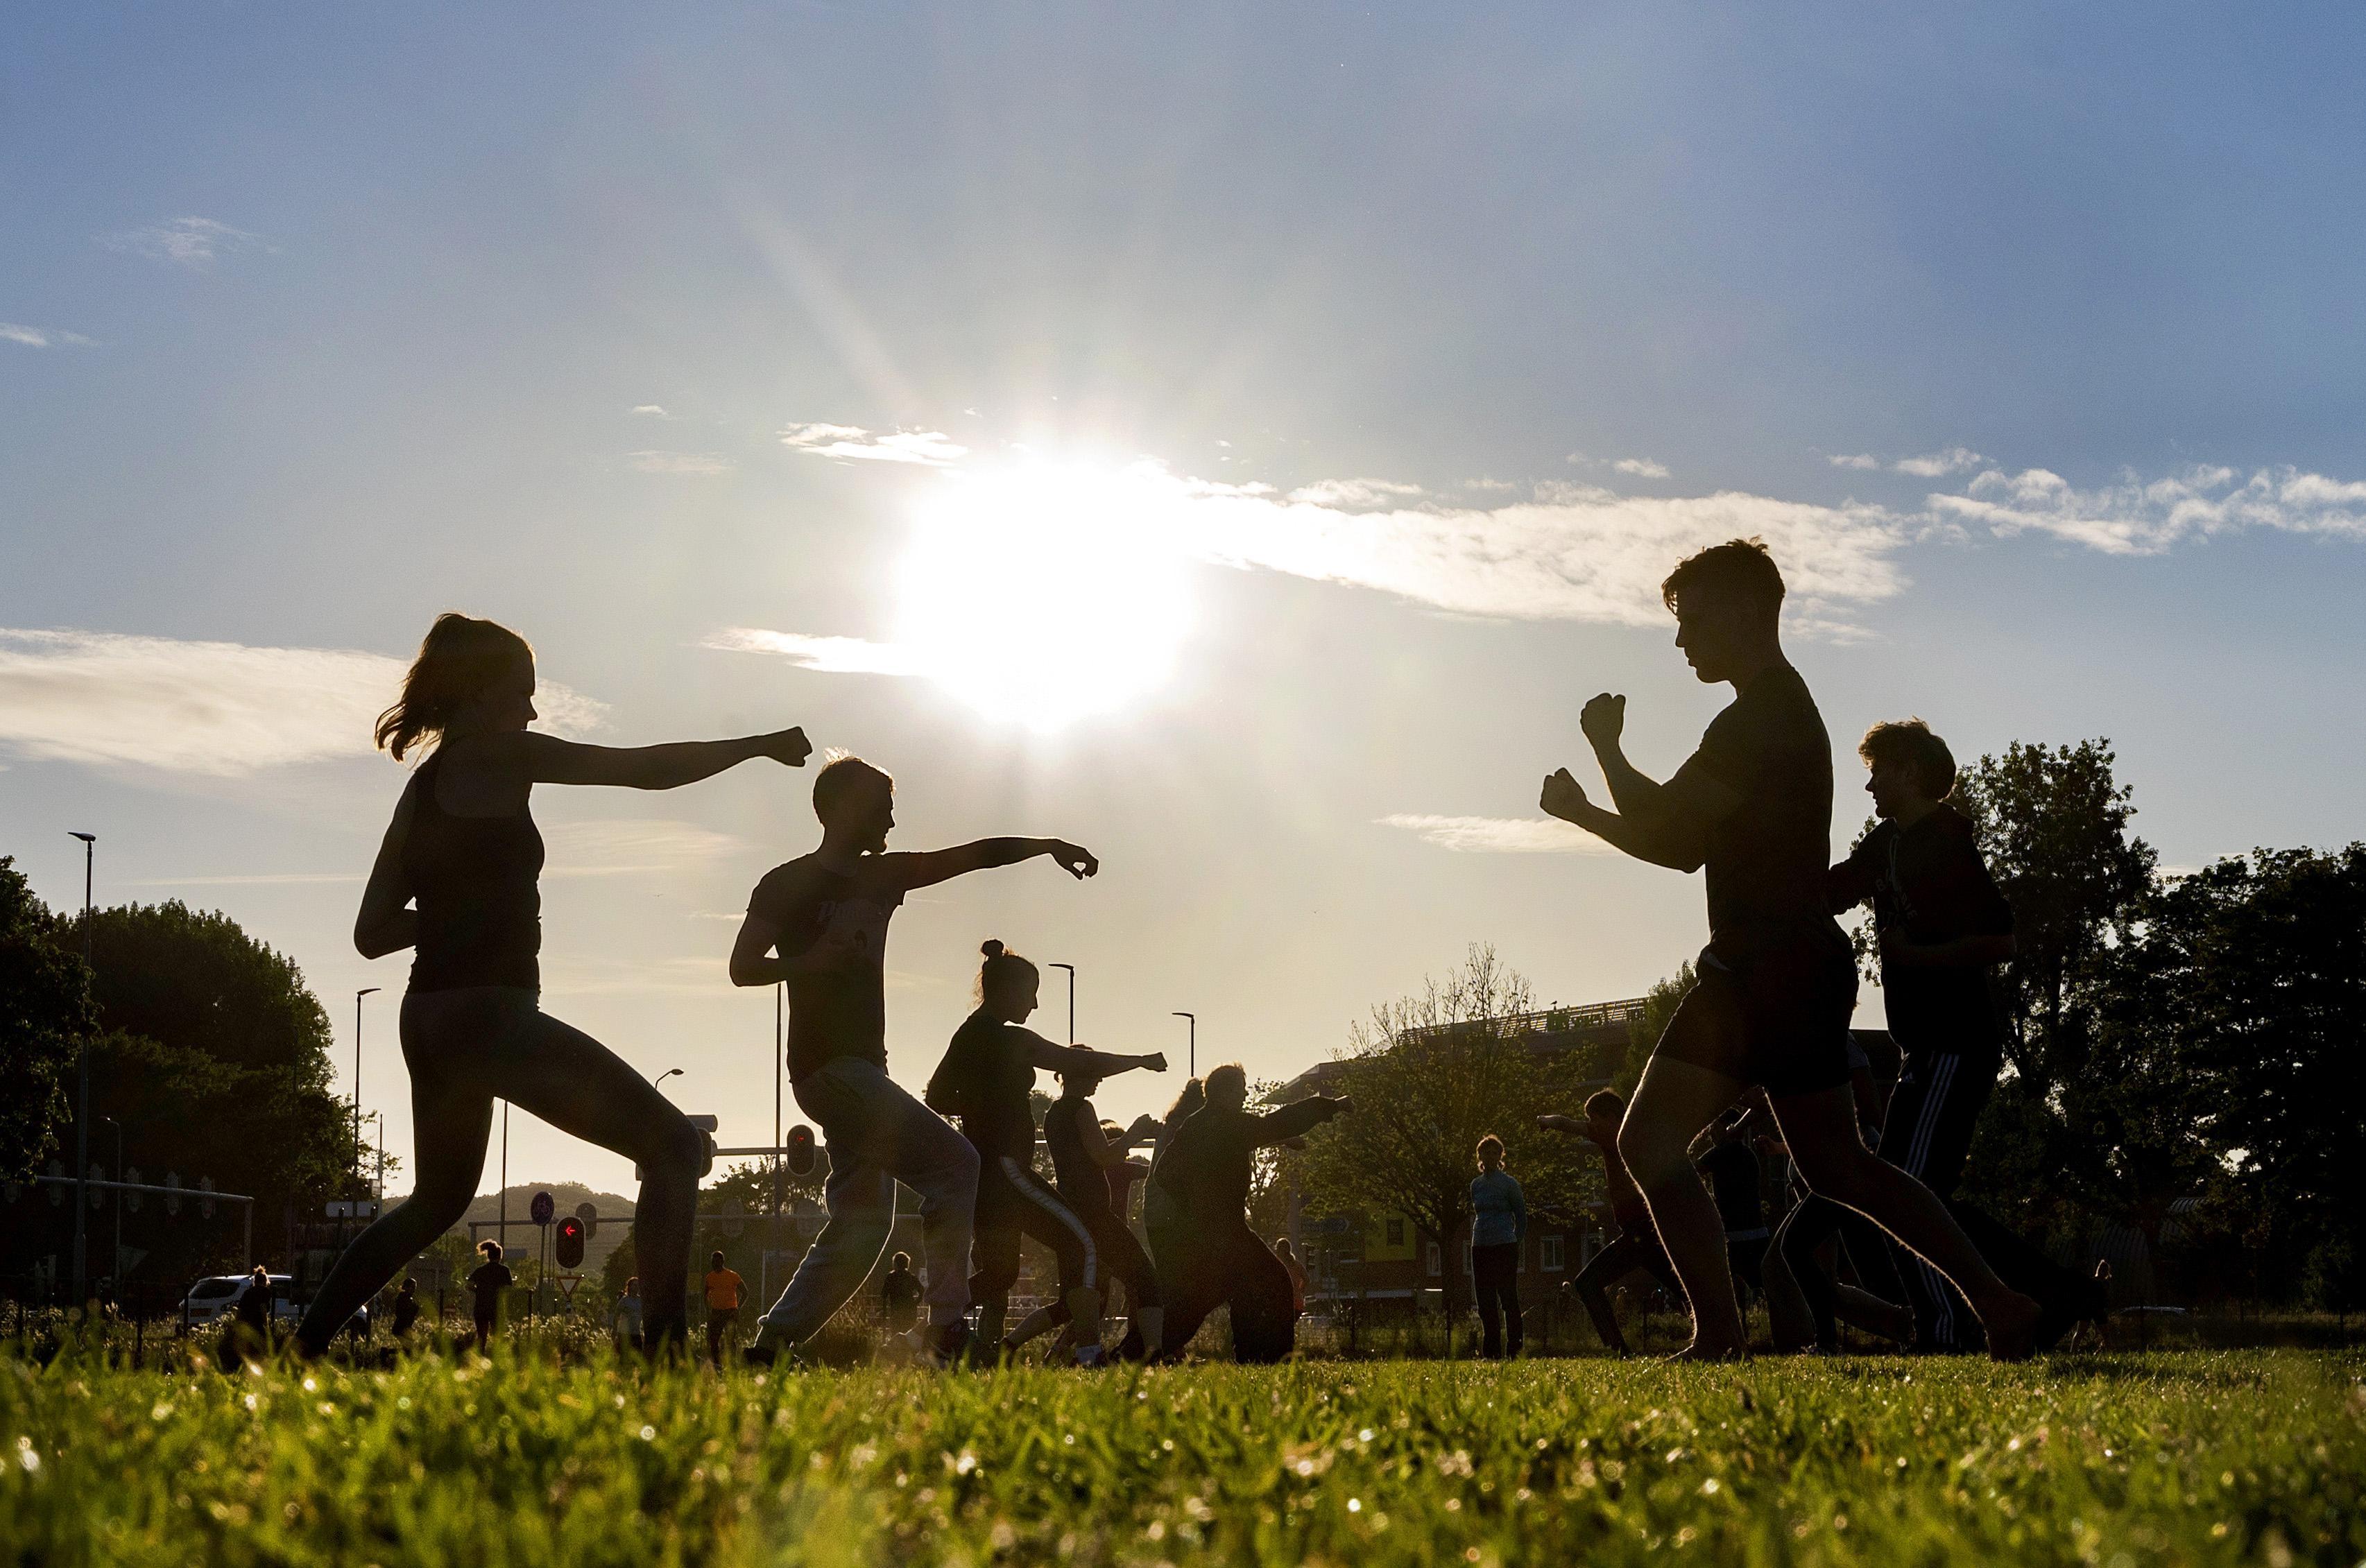 Recreatieveld aan de Kleverlaan in Haarlem groeit uit tot ontmoetingsplaats voor buitensporters: Strakke bil- en buikspieren in de openlucht